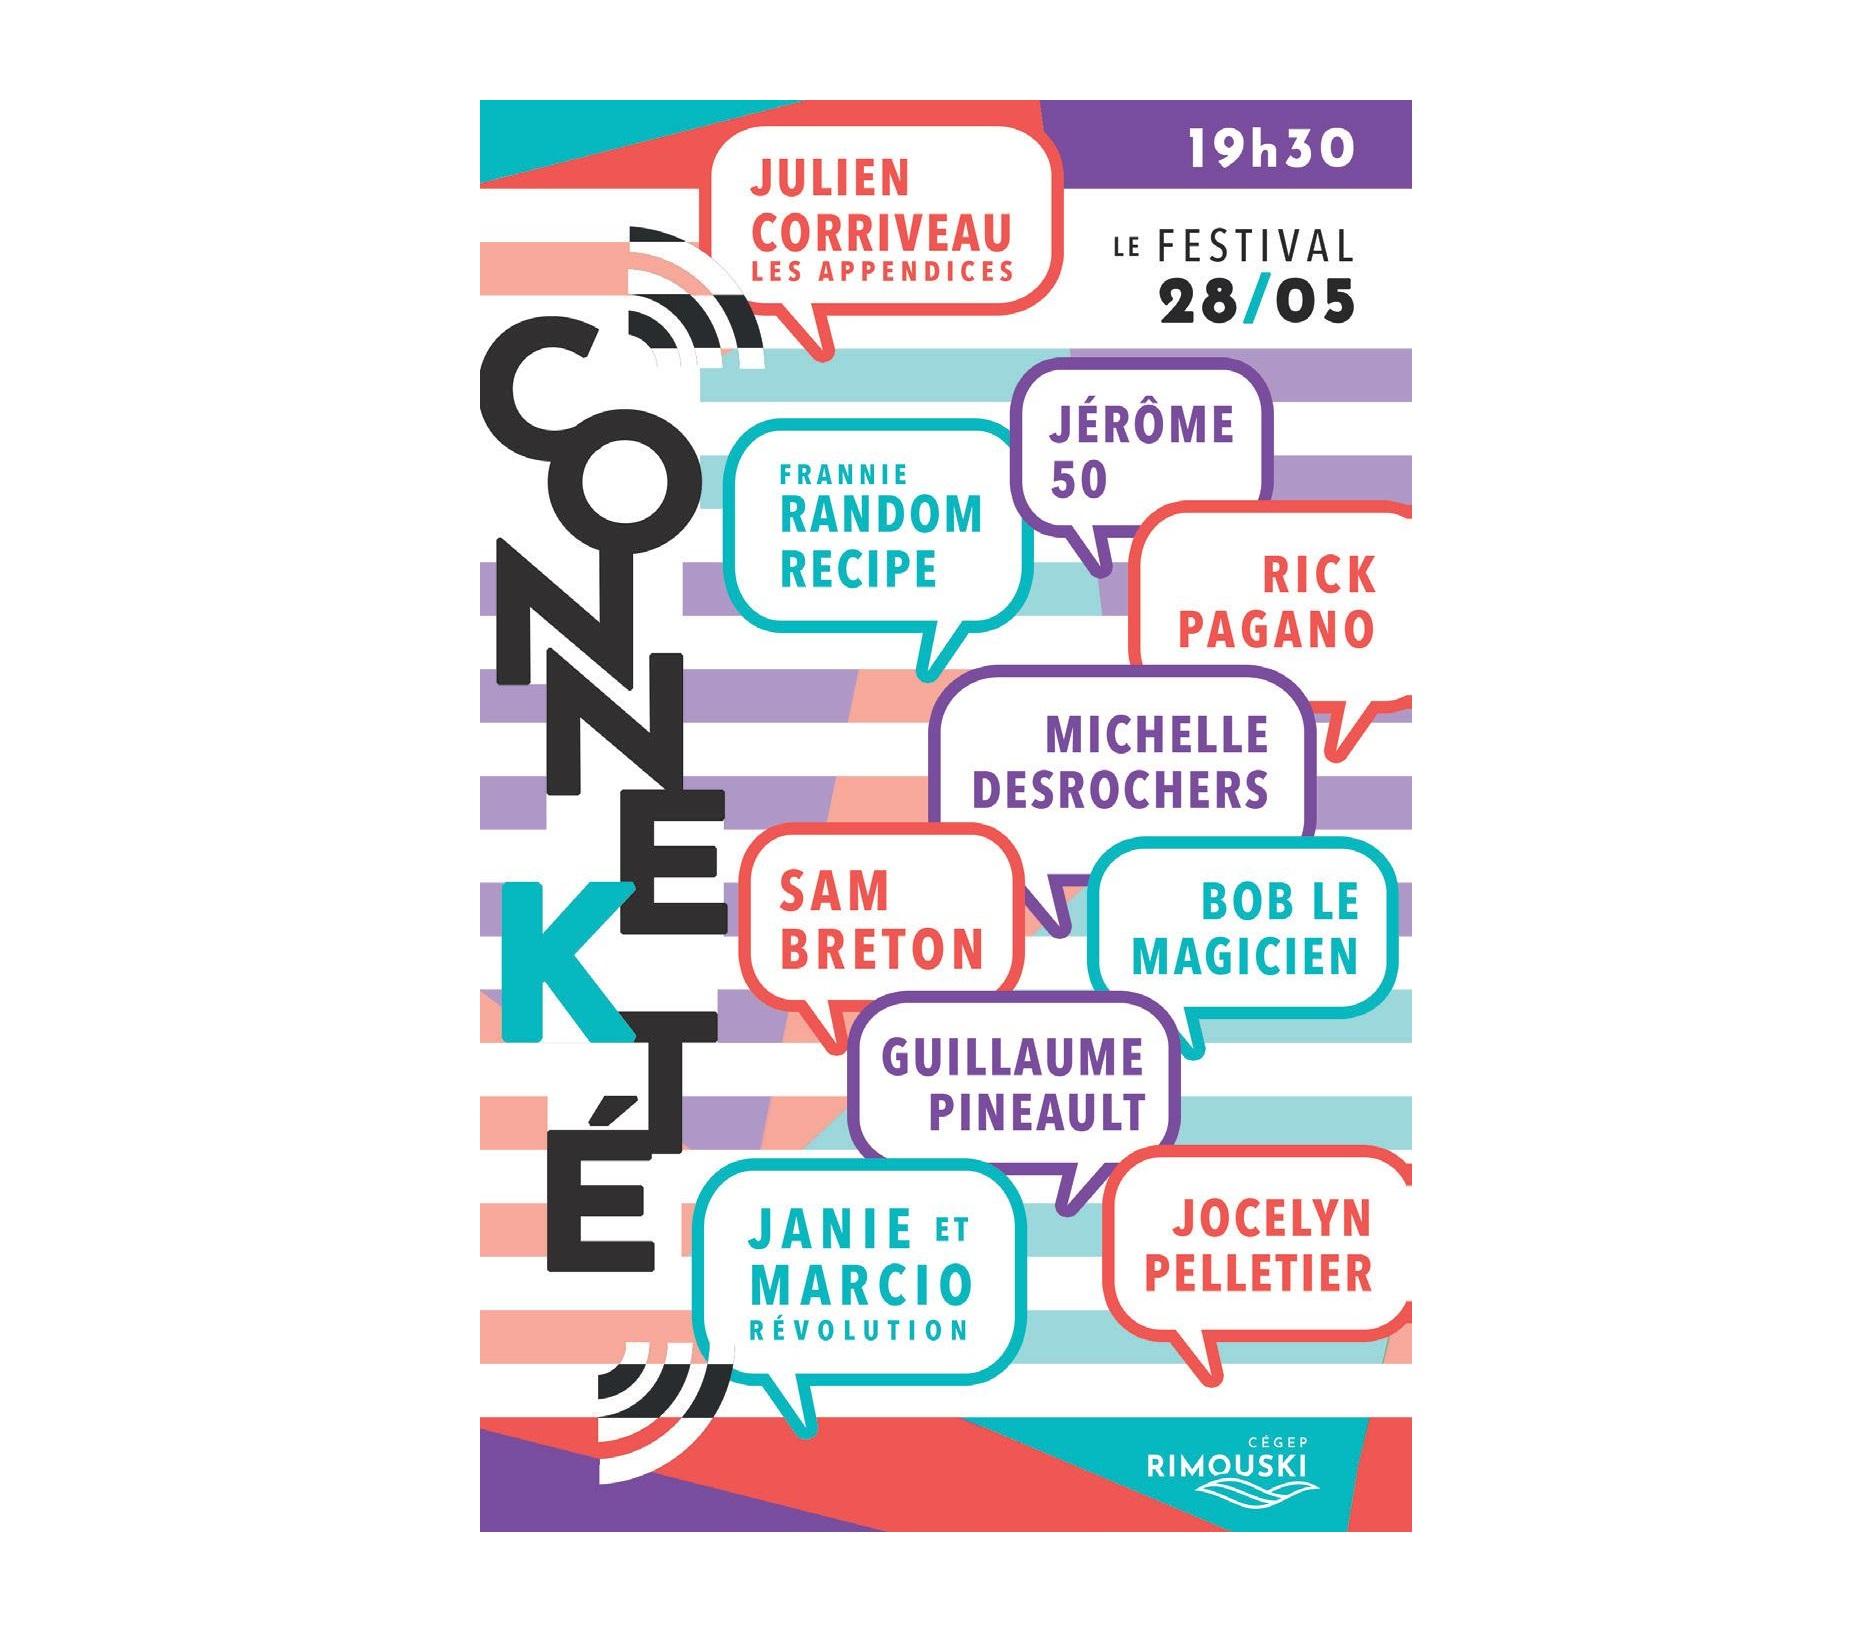 Première présentation du festival étudiant Connekté présenté par le Cégep de Rimouski.